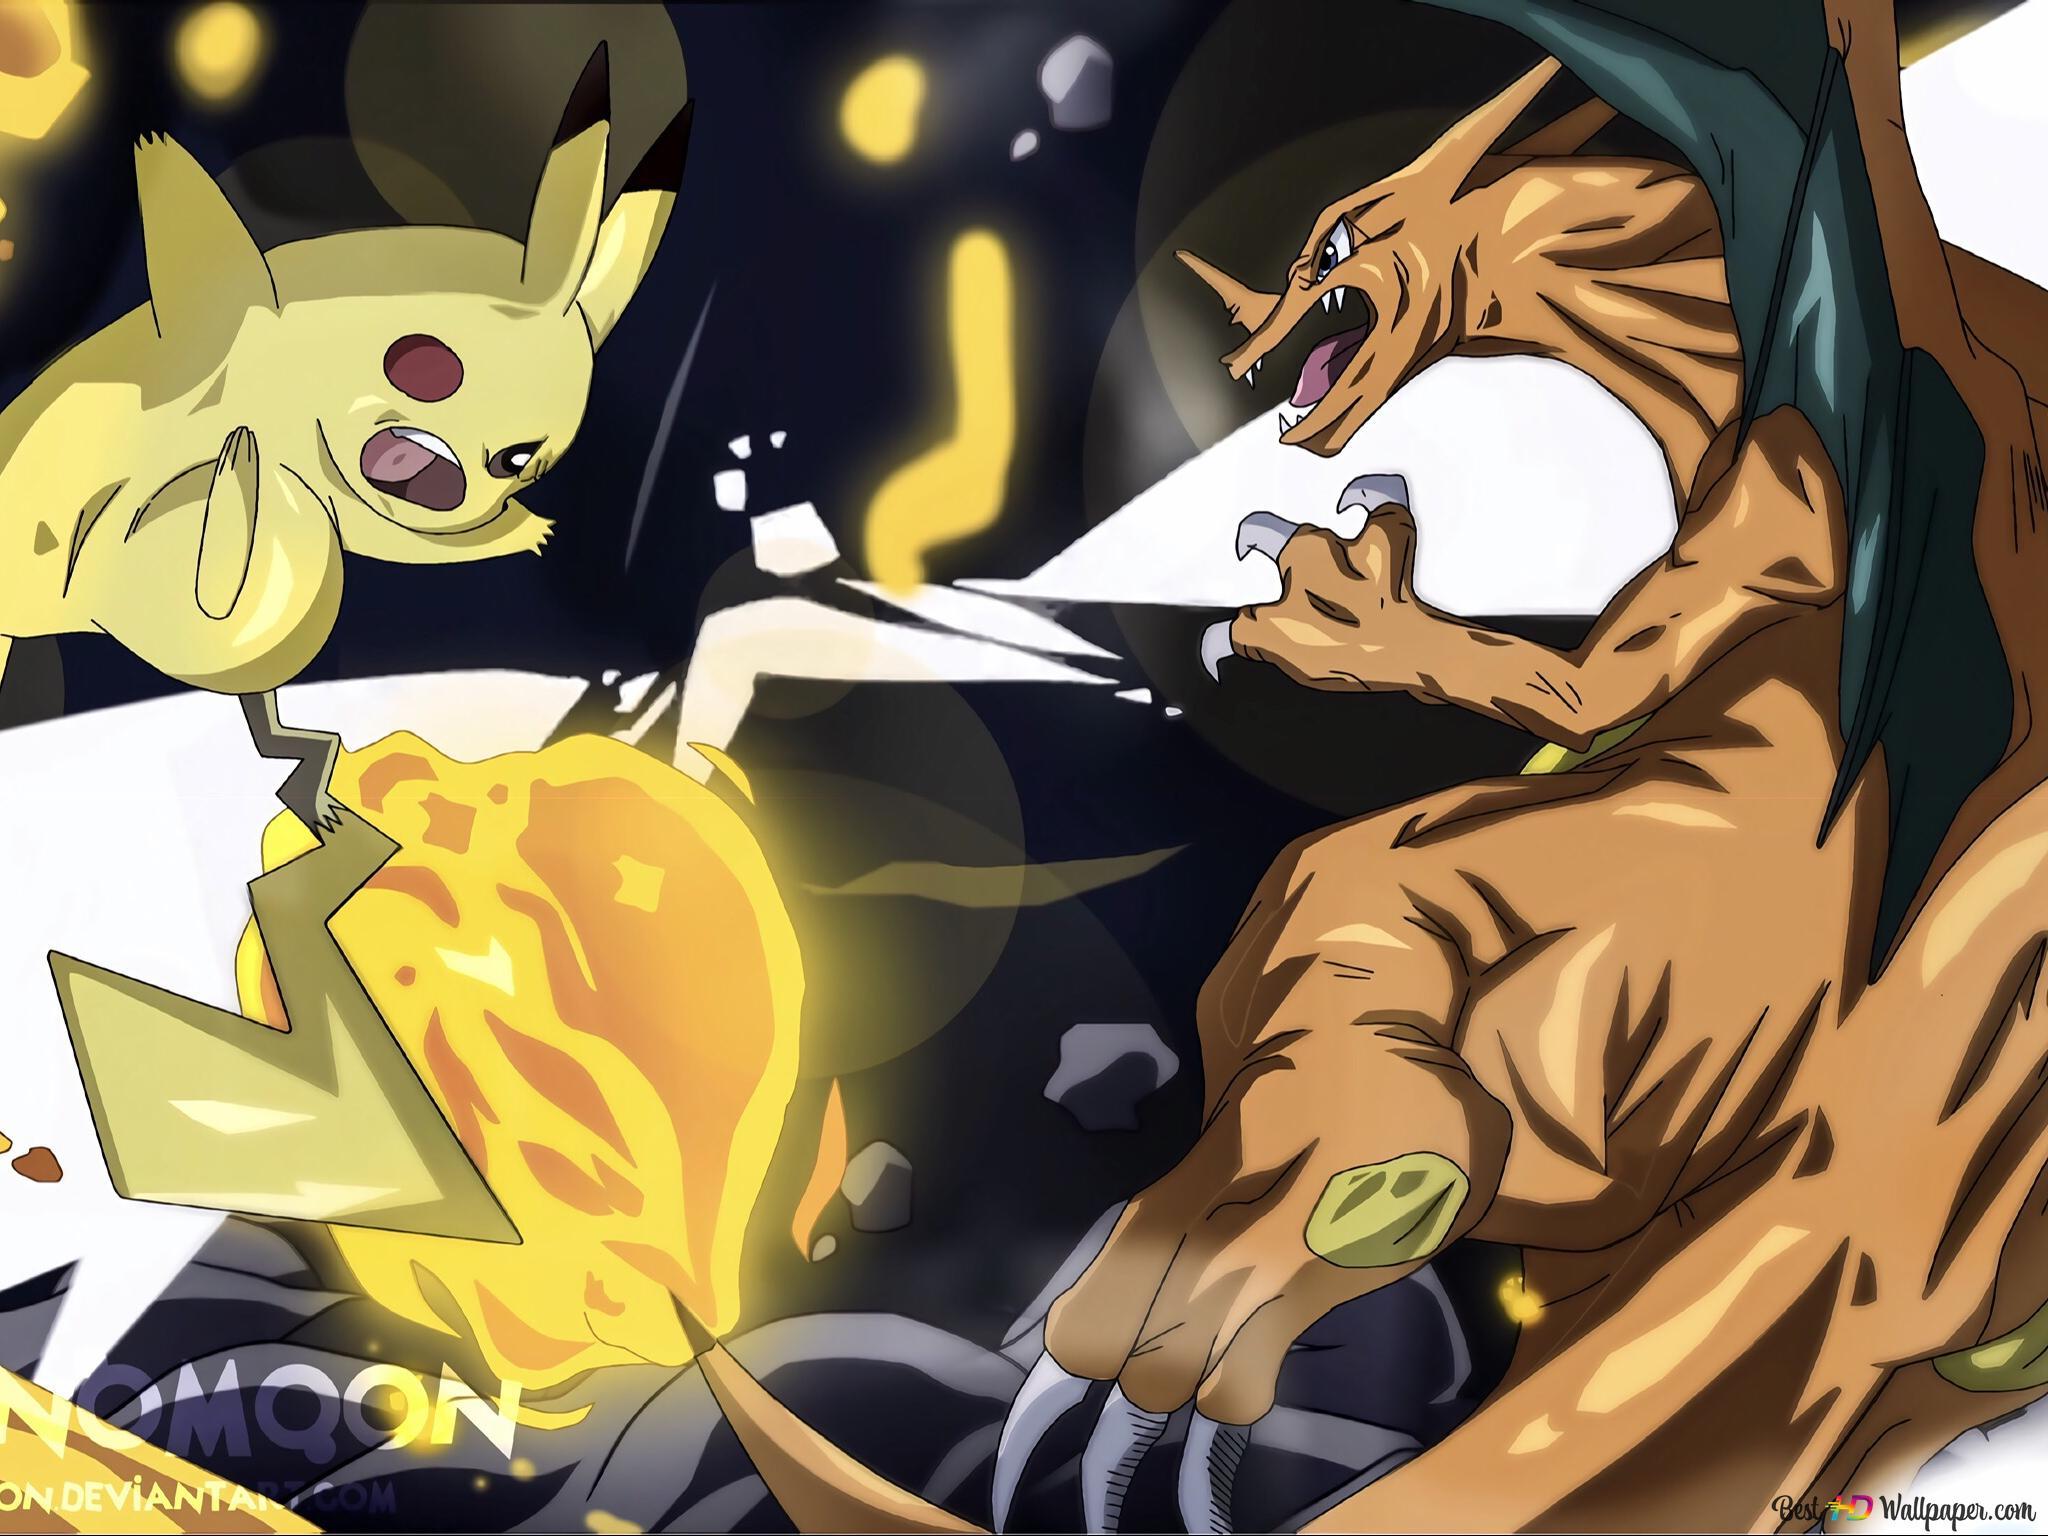 Pokemon Pikachu Vs Charizard Hd Wallpaper Download